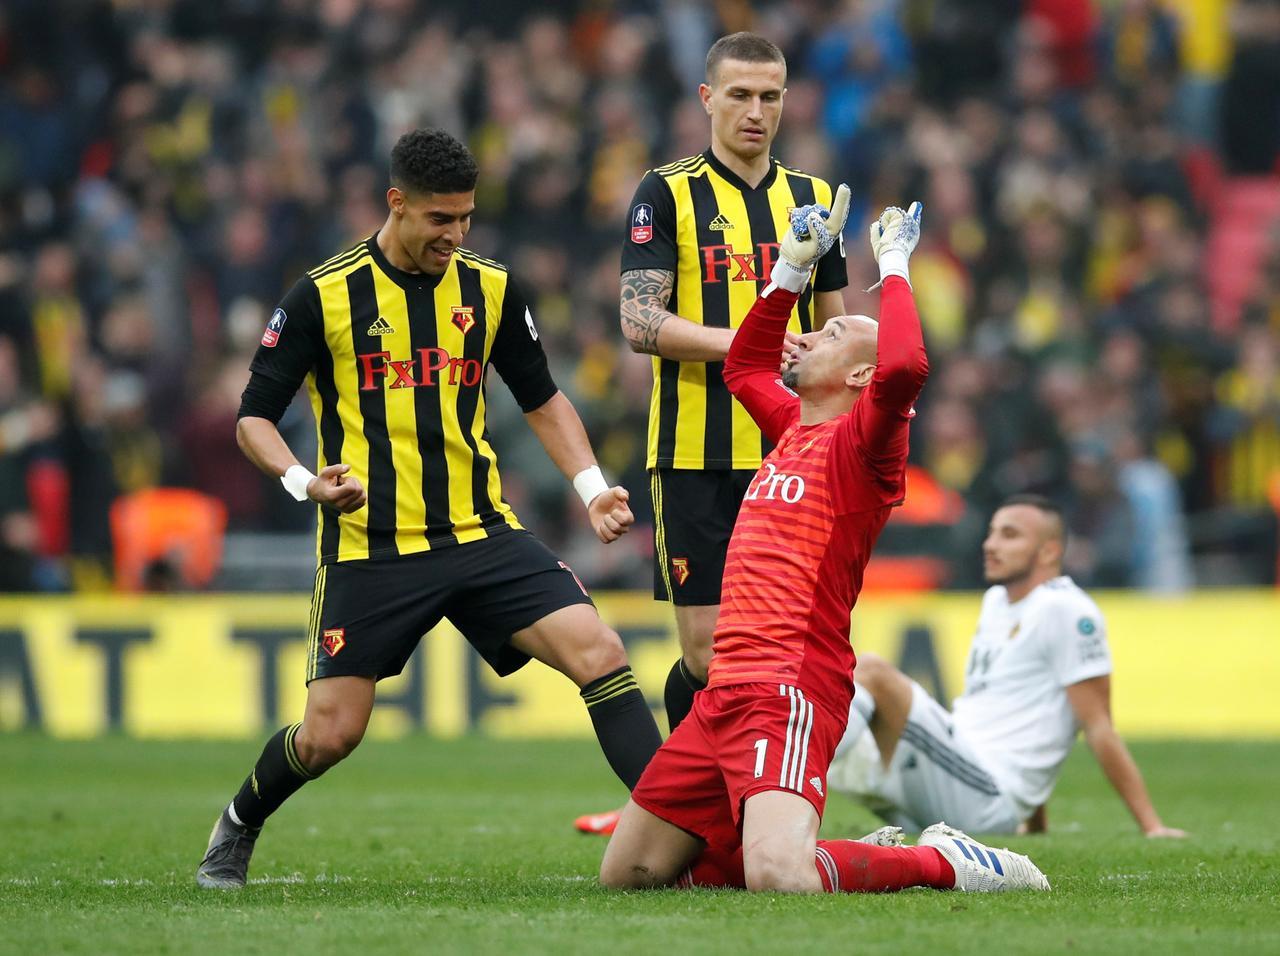 Two-goal Deulofeu is Watford's Cup hero in impressive fightback